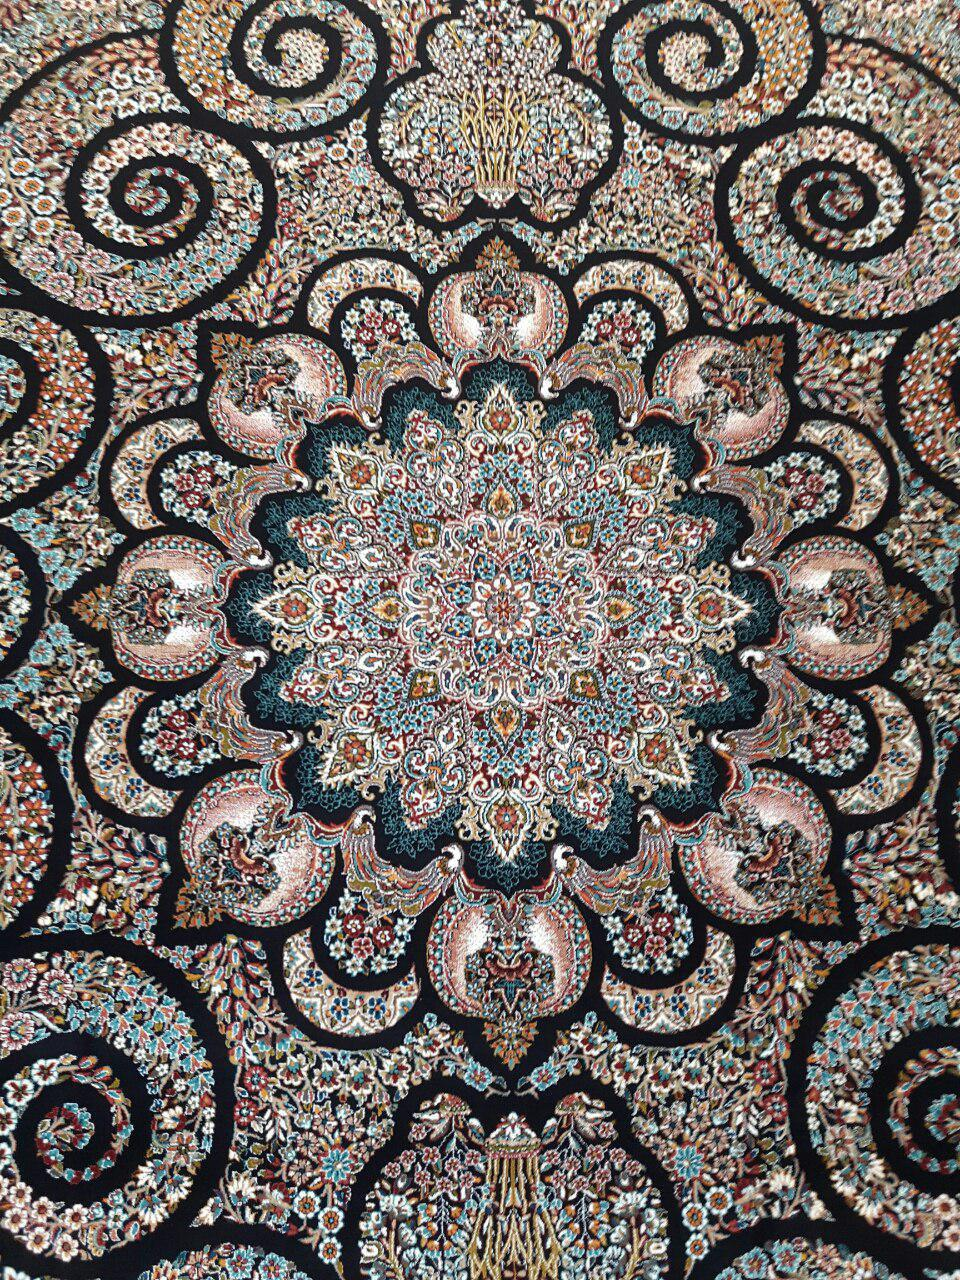 تلگرام فرش قیطران فروش فرش و تابلو فرش ماشینی - carpet rug